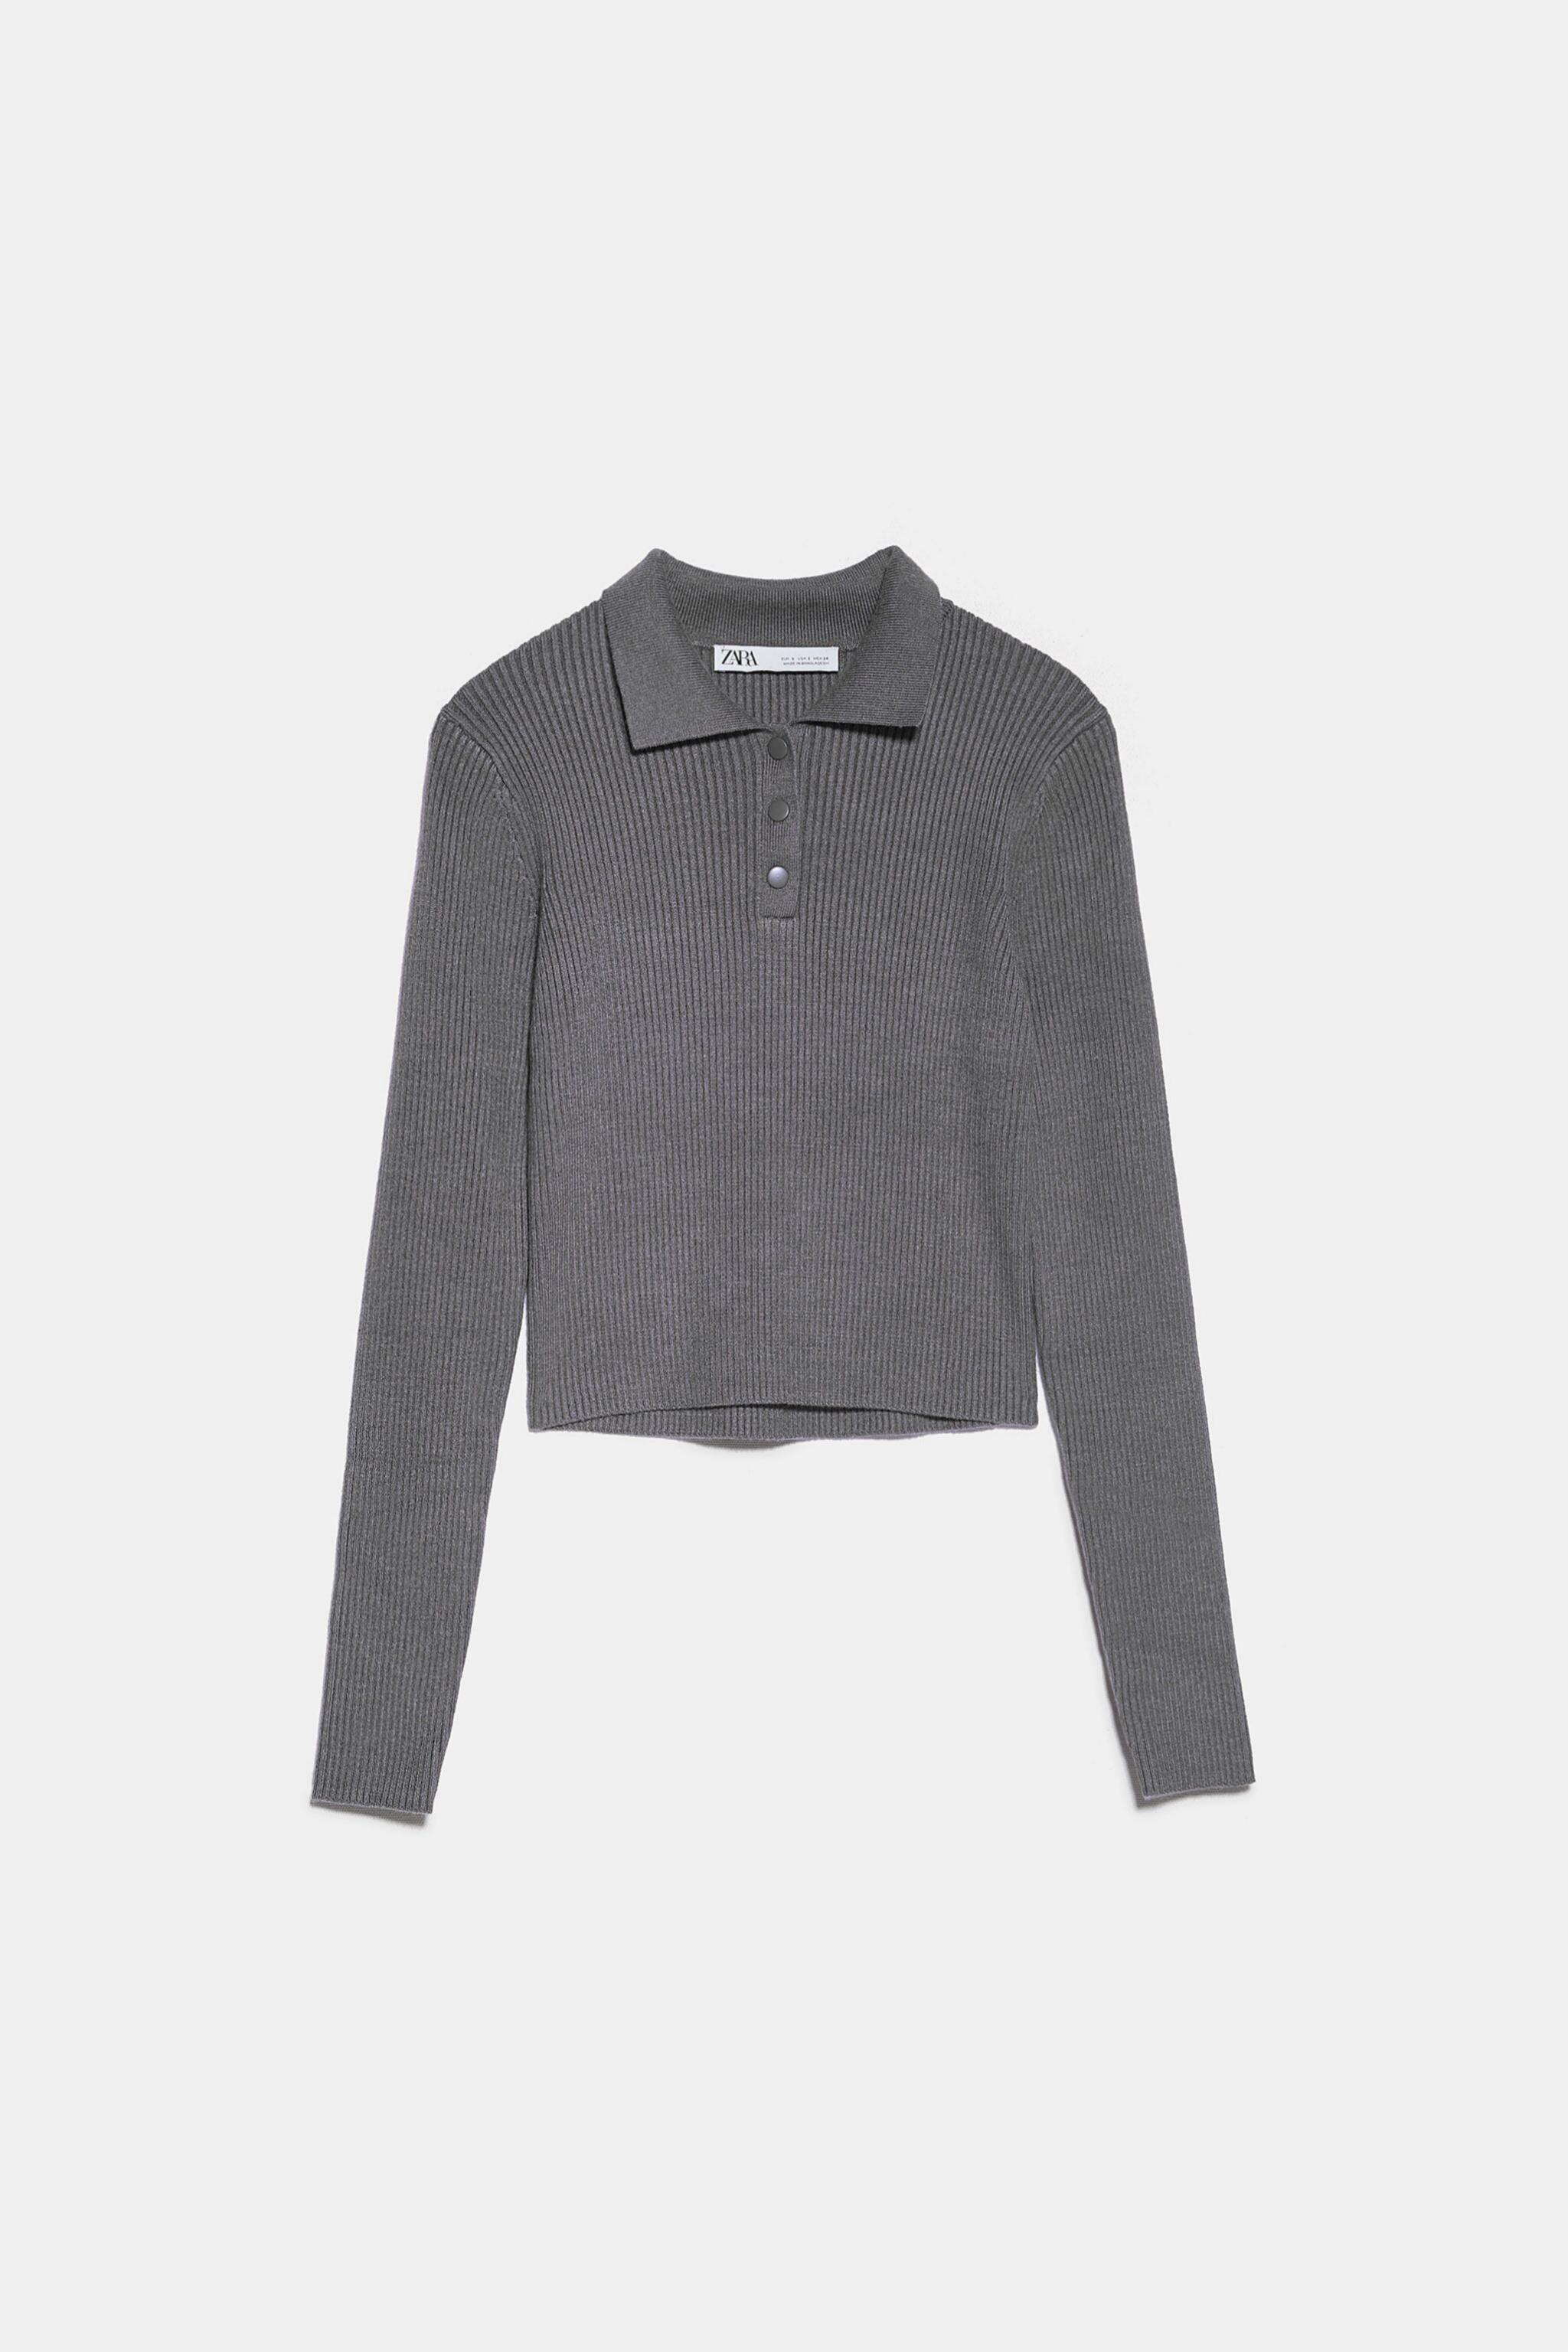 Jersey tipo polo en color gris de Zara (19,95¤)